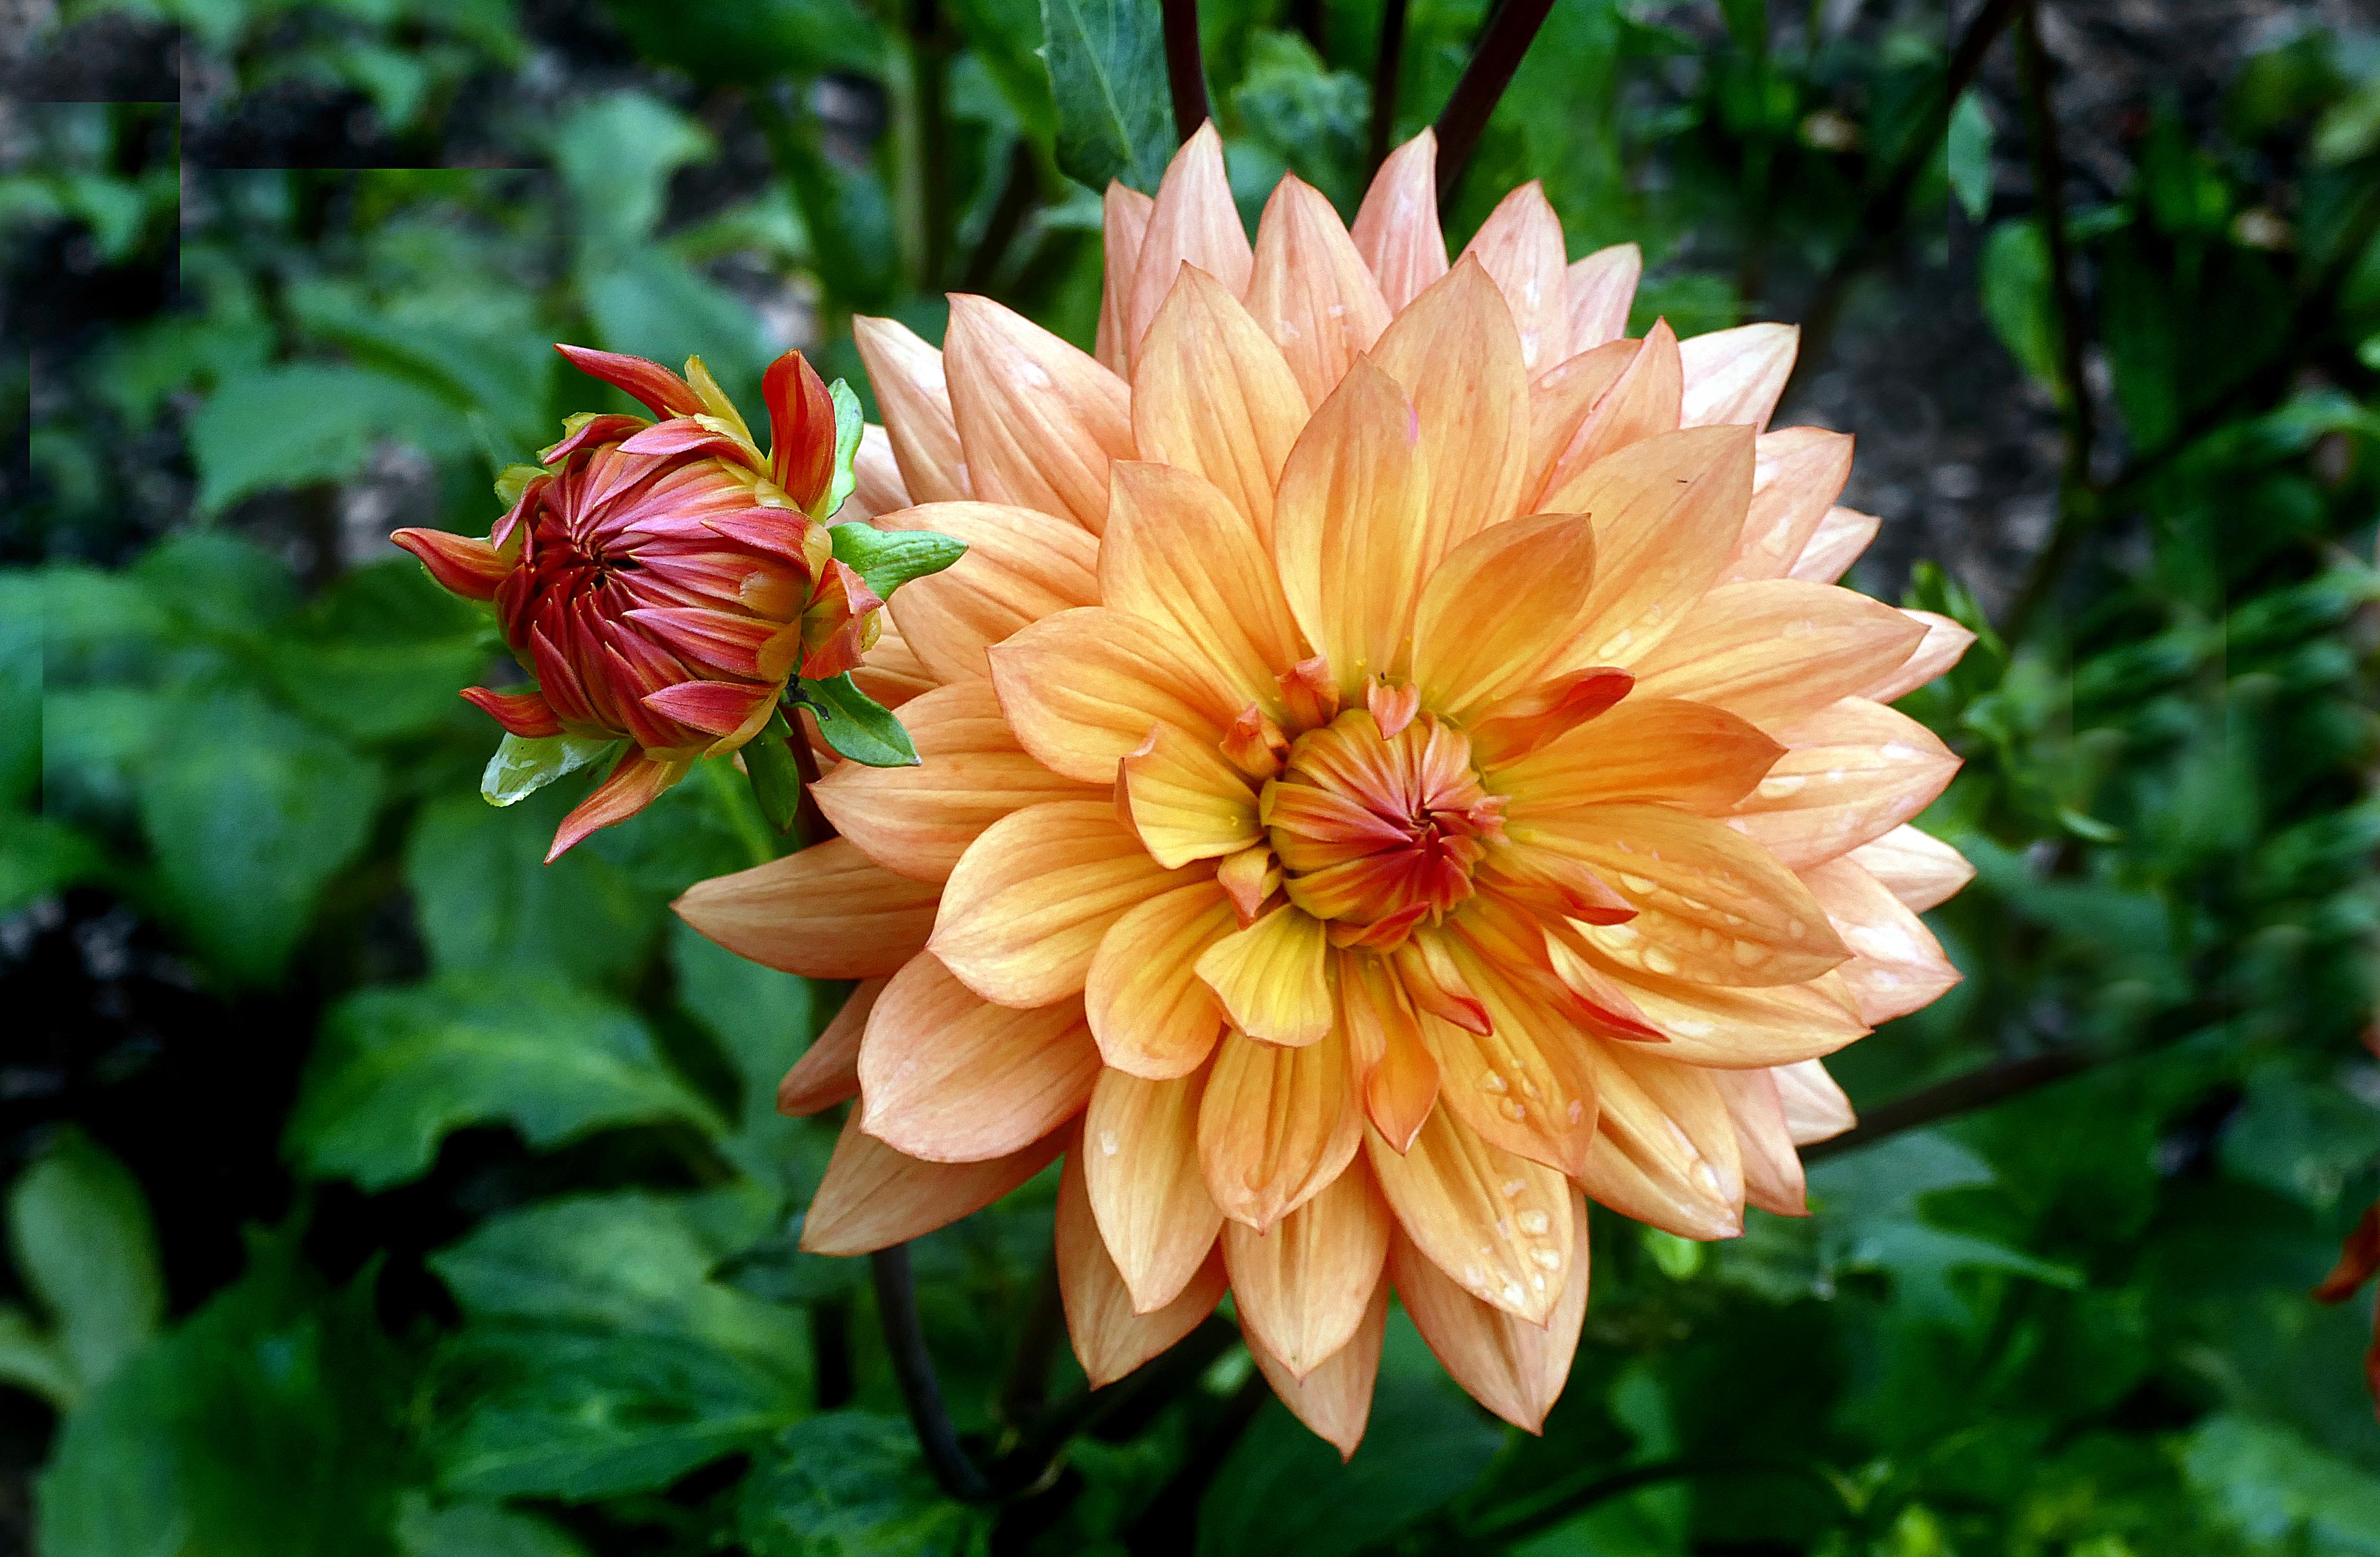 Orange Ruby. Dahlia, Blooms, Colors, Dahlia, Floral, HQ Photo